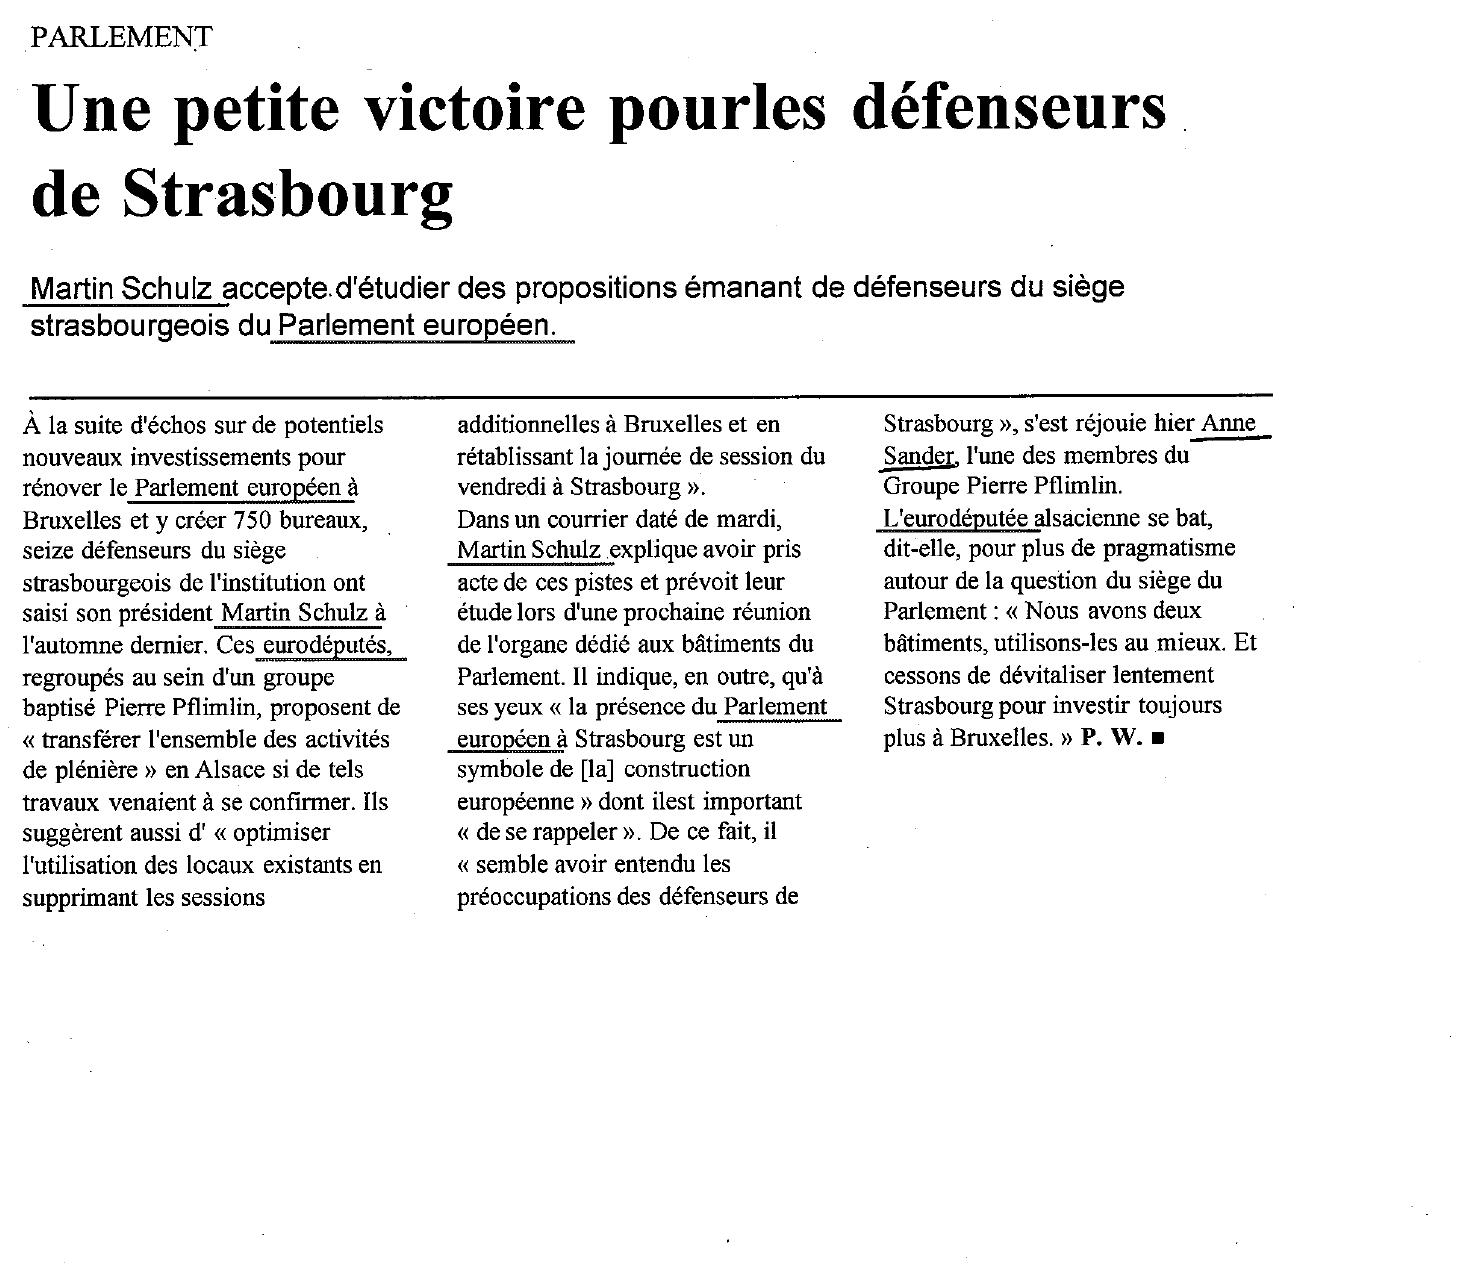 une petite victoire pour les défenseurs de Strasbourg